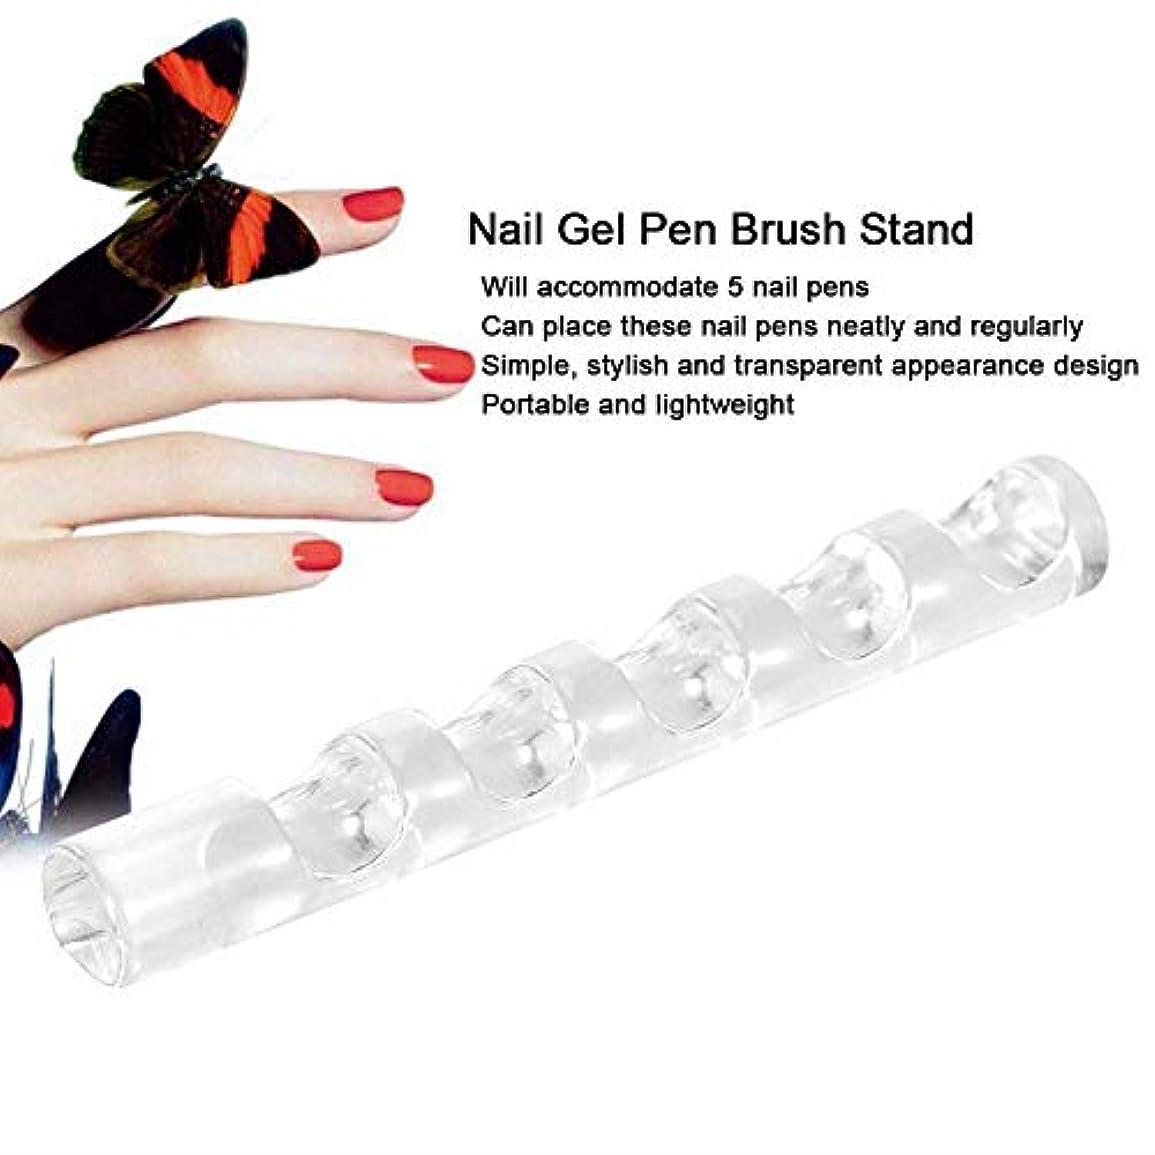 Onior ブラシホルダー ネイルアート アクリル シンプル 透明ペンブラシスタンド 筆置き ブラシ置き 5つのネイルペン用 ジェルネイル ネイルツール ネイル用品